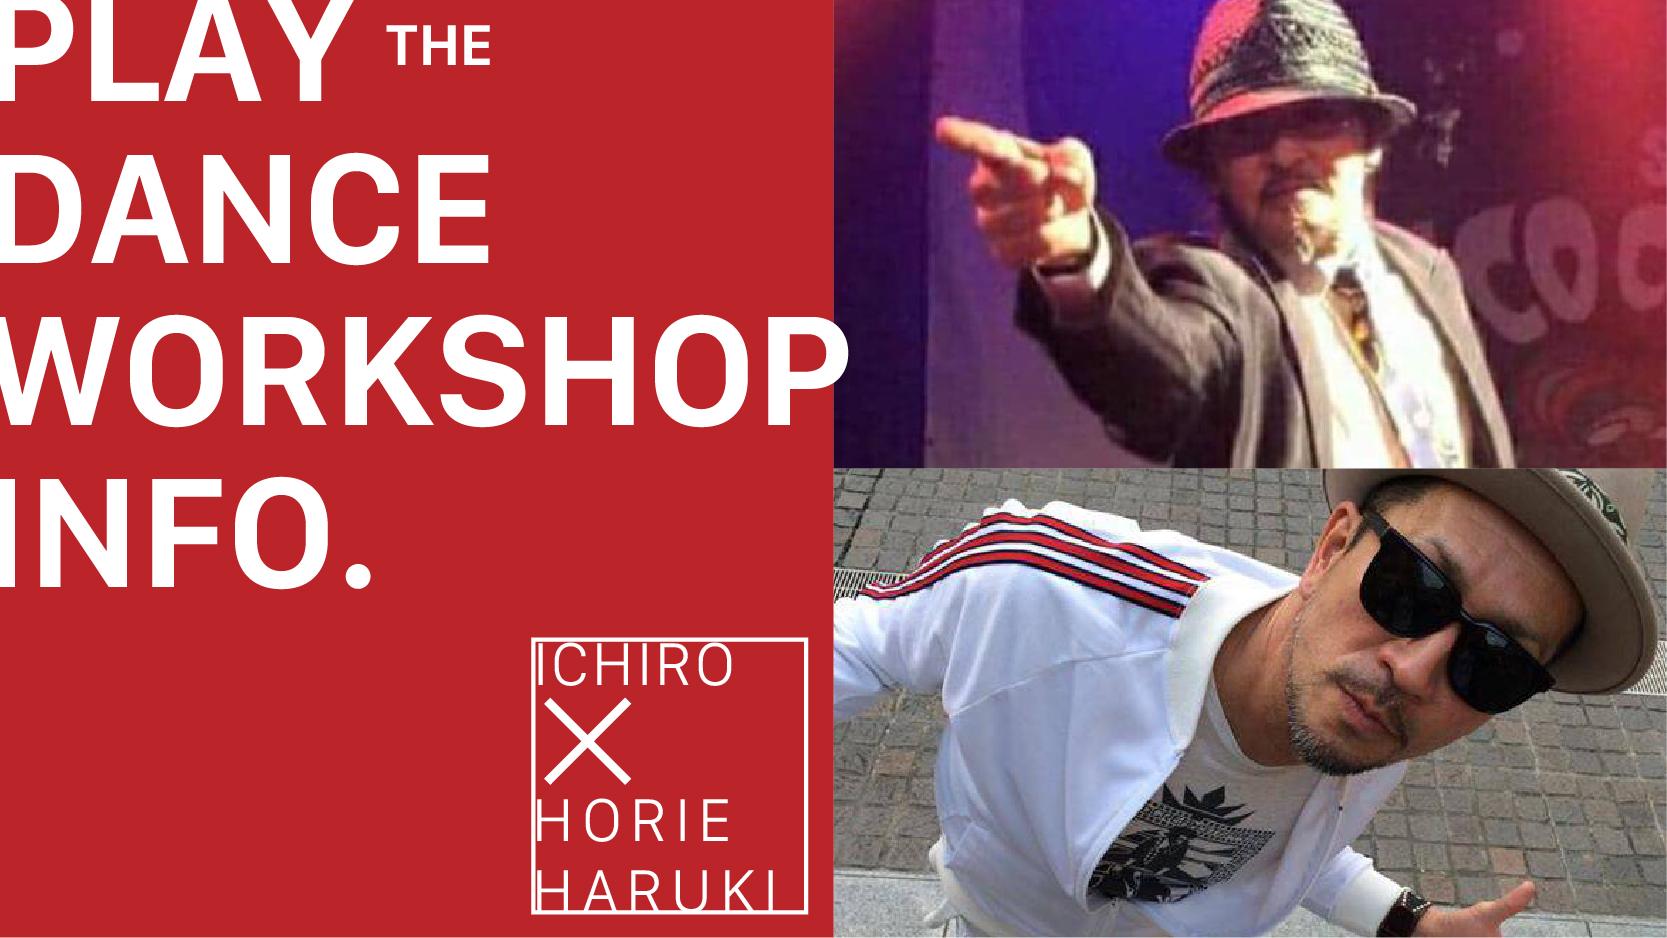 ICHIRO & HORIEHARUKI WORKSHOP